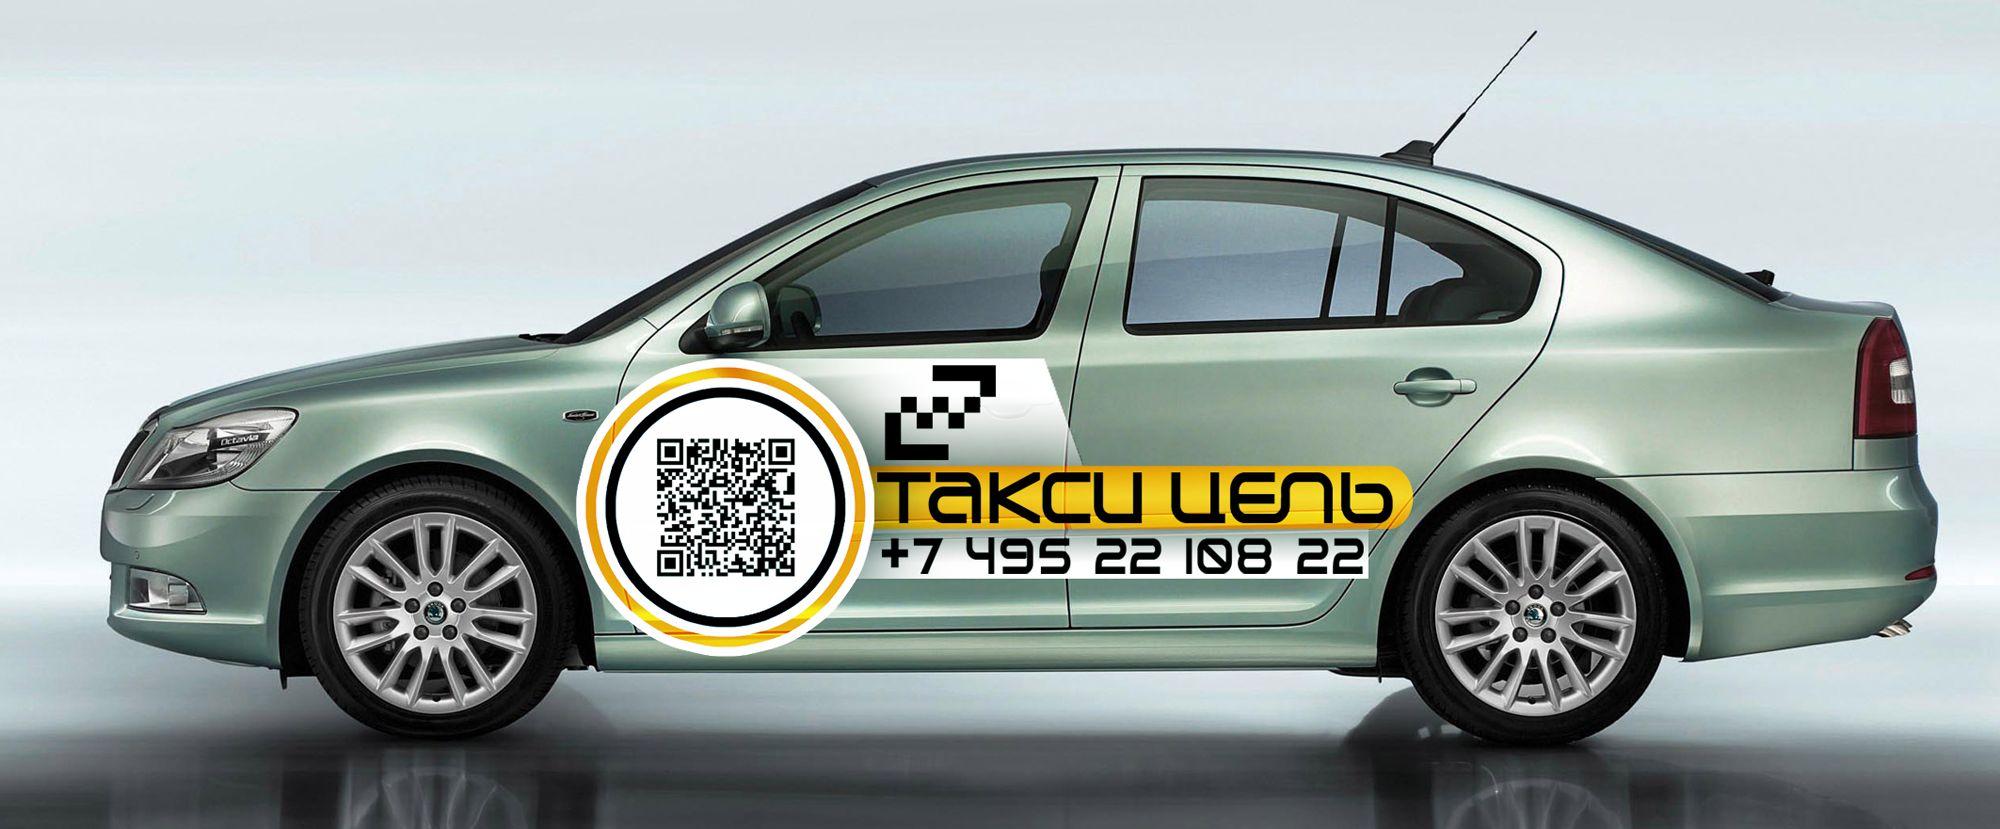 Рекламное оформление автомобиля такси - дизайнер pozdeev1488